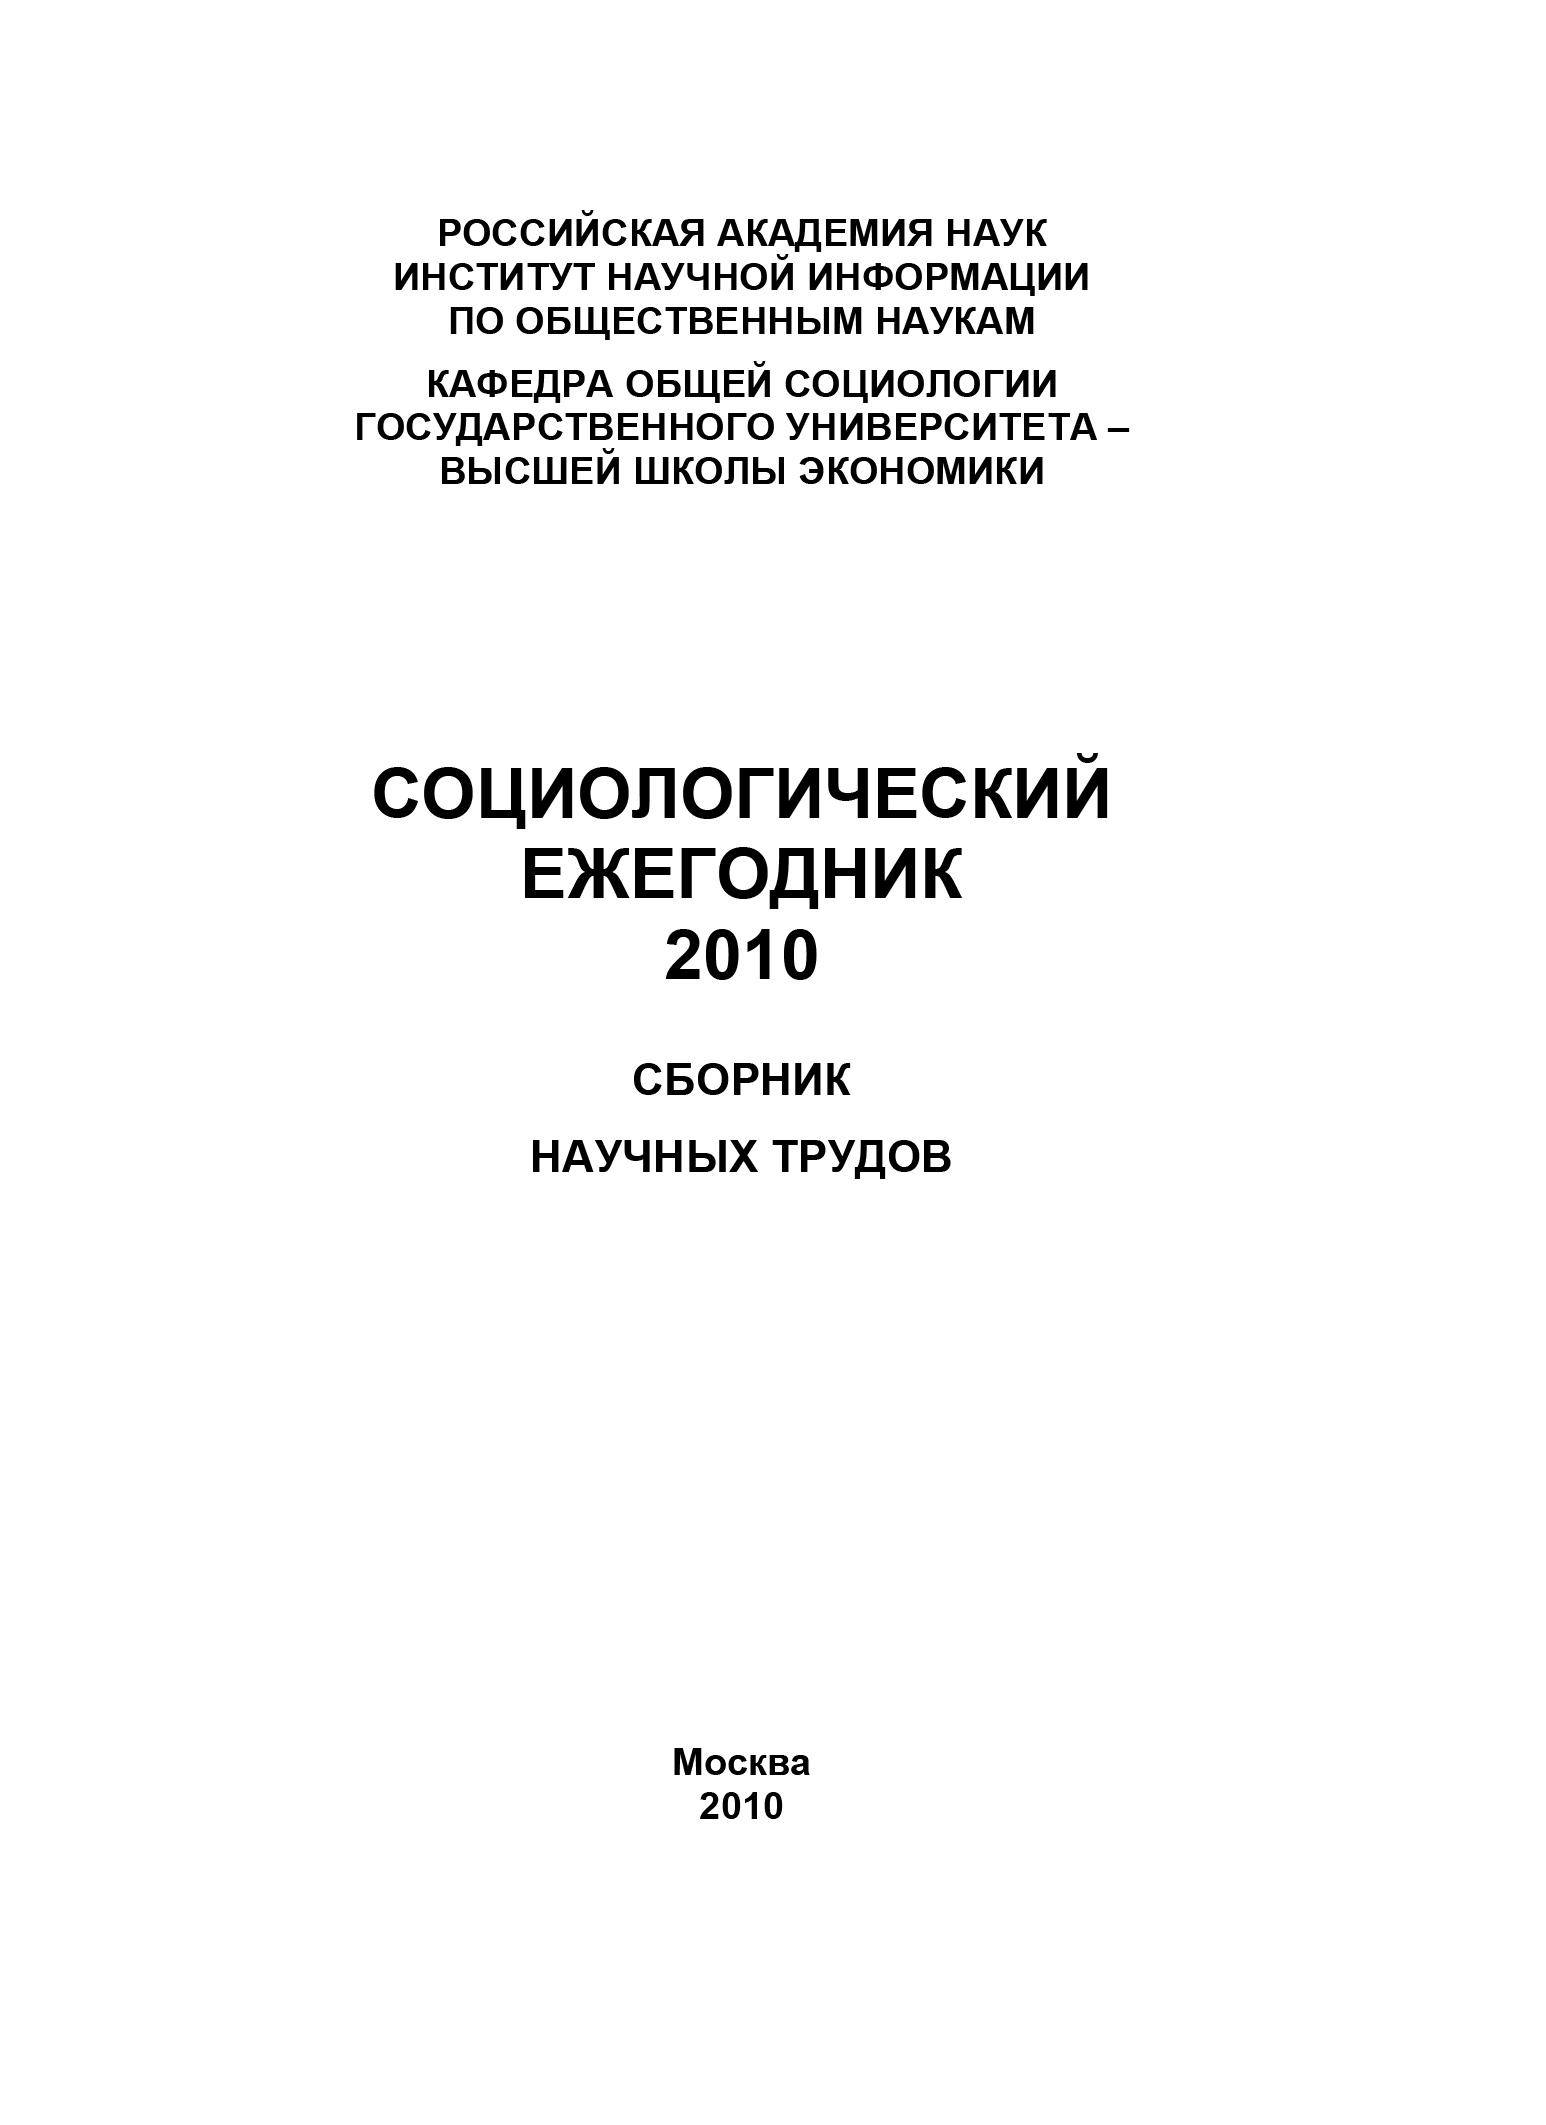 Коллектив авторов Социологический ежегодник 2010